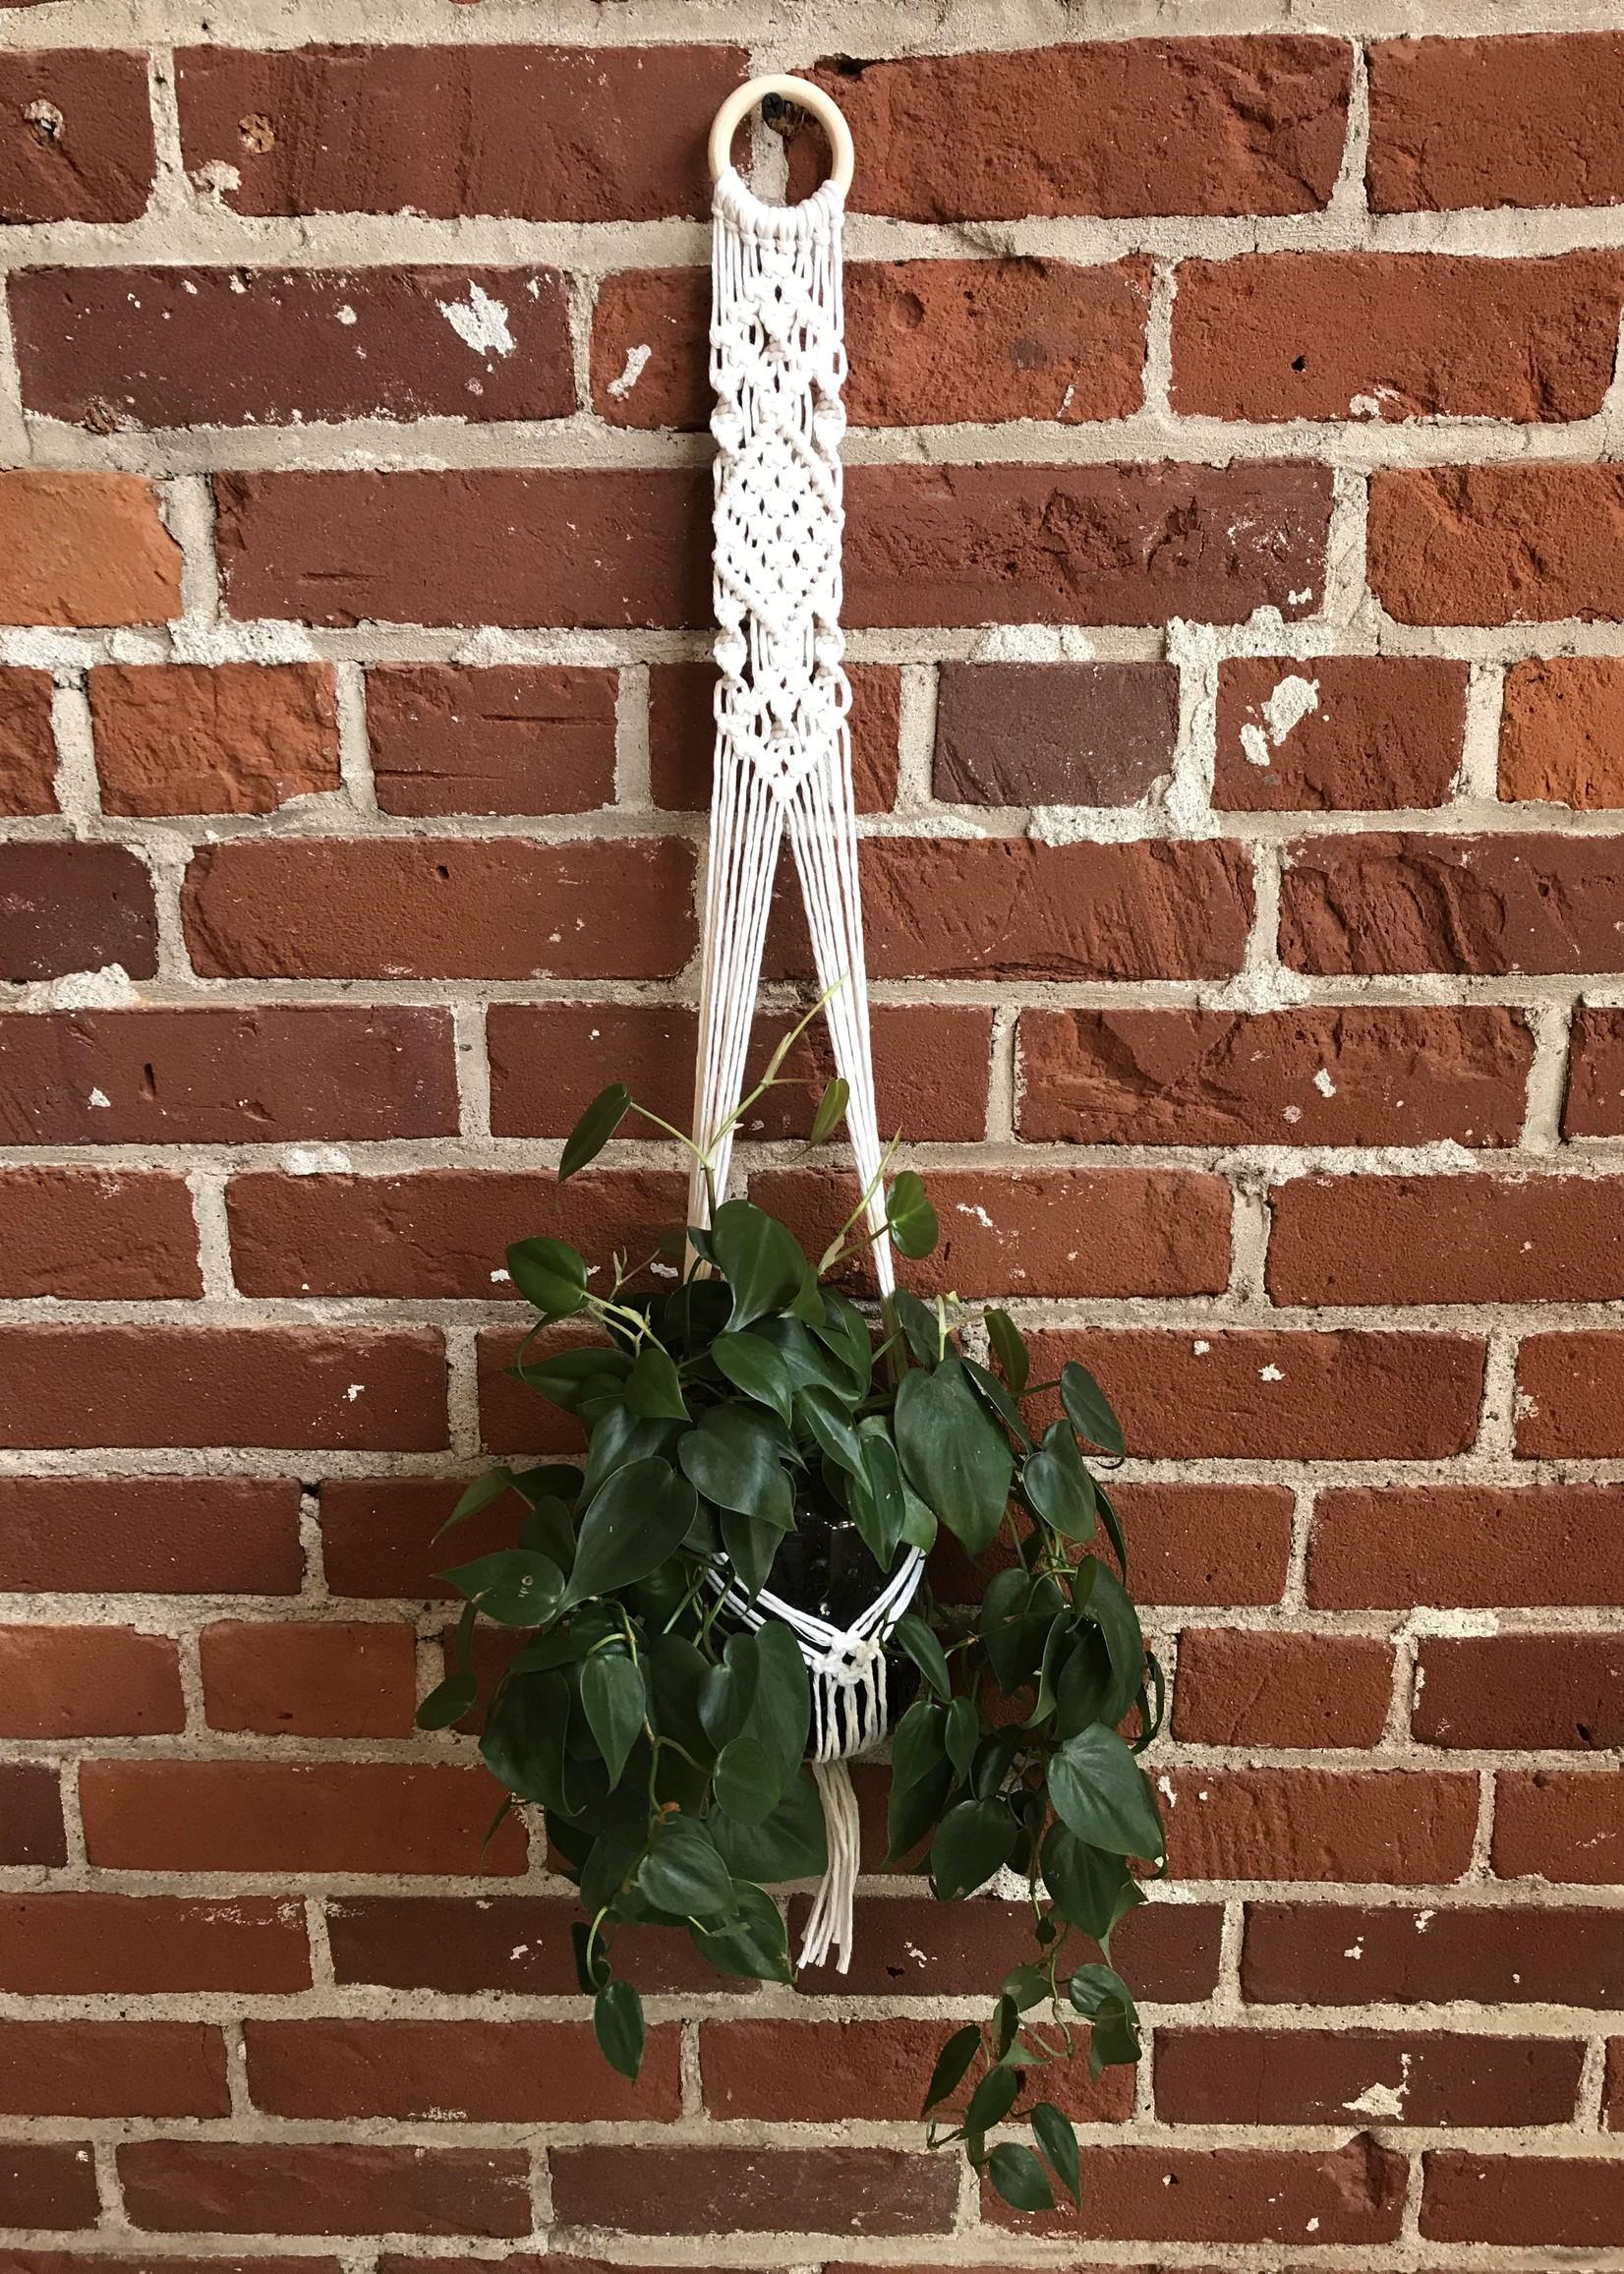 DIY Macrame Plant Hanger Kit - The Evelyn